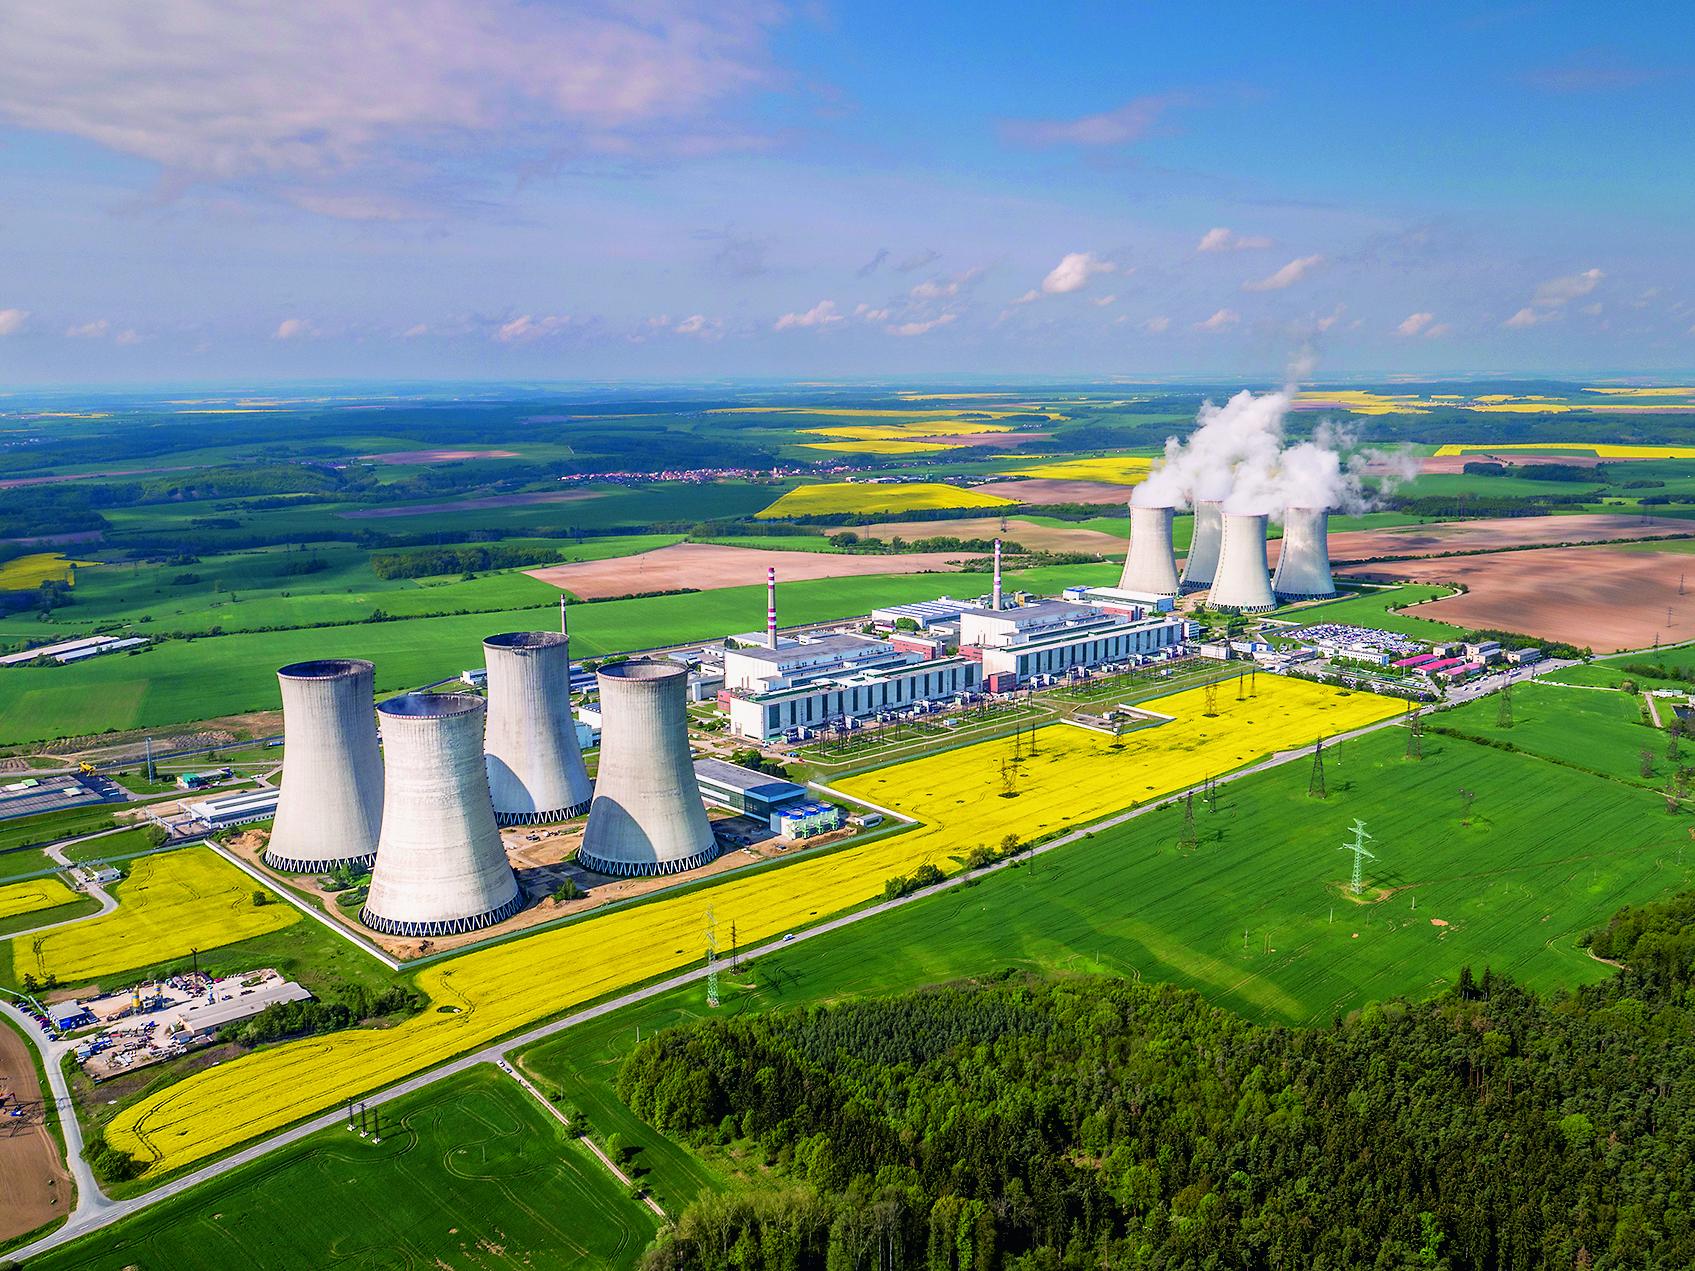 vysocina.rozhlas.cz: Uzavření elektrárny i se zaměstnanci. To je koronavirový krizový plán v Dukovanech